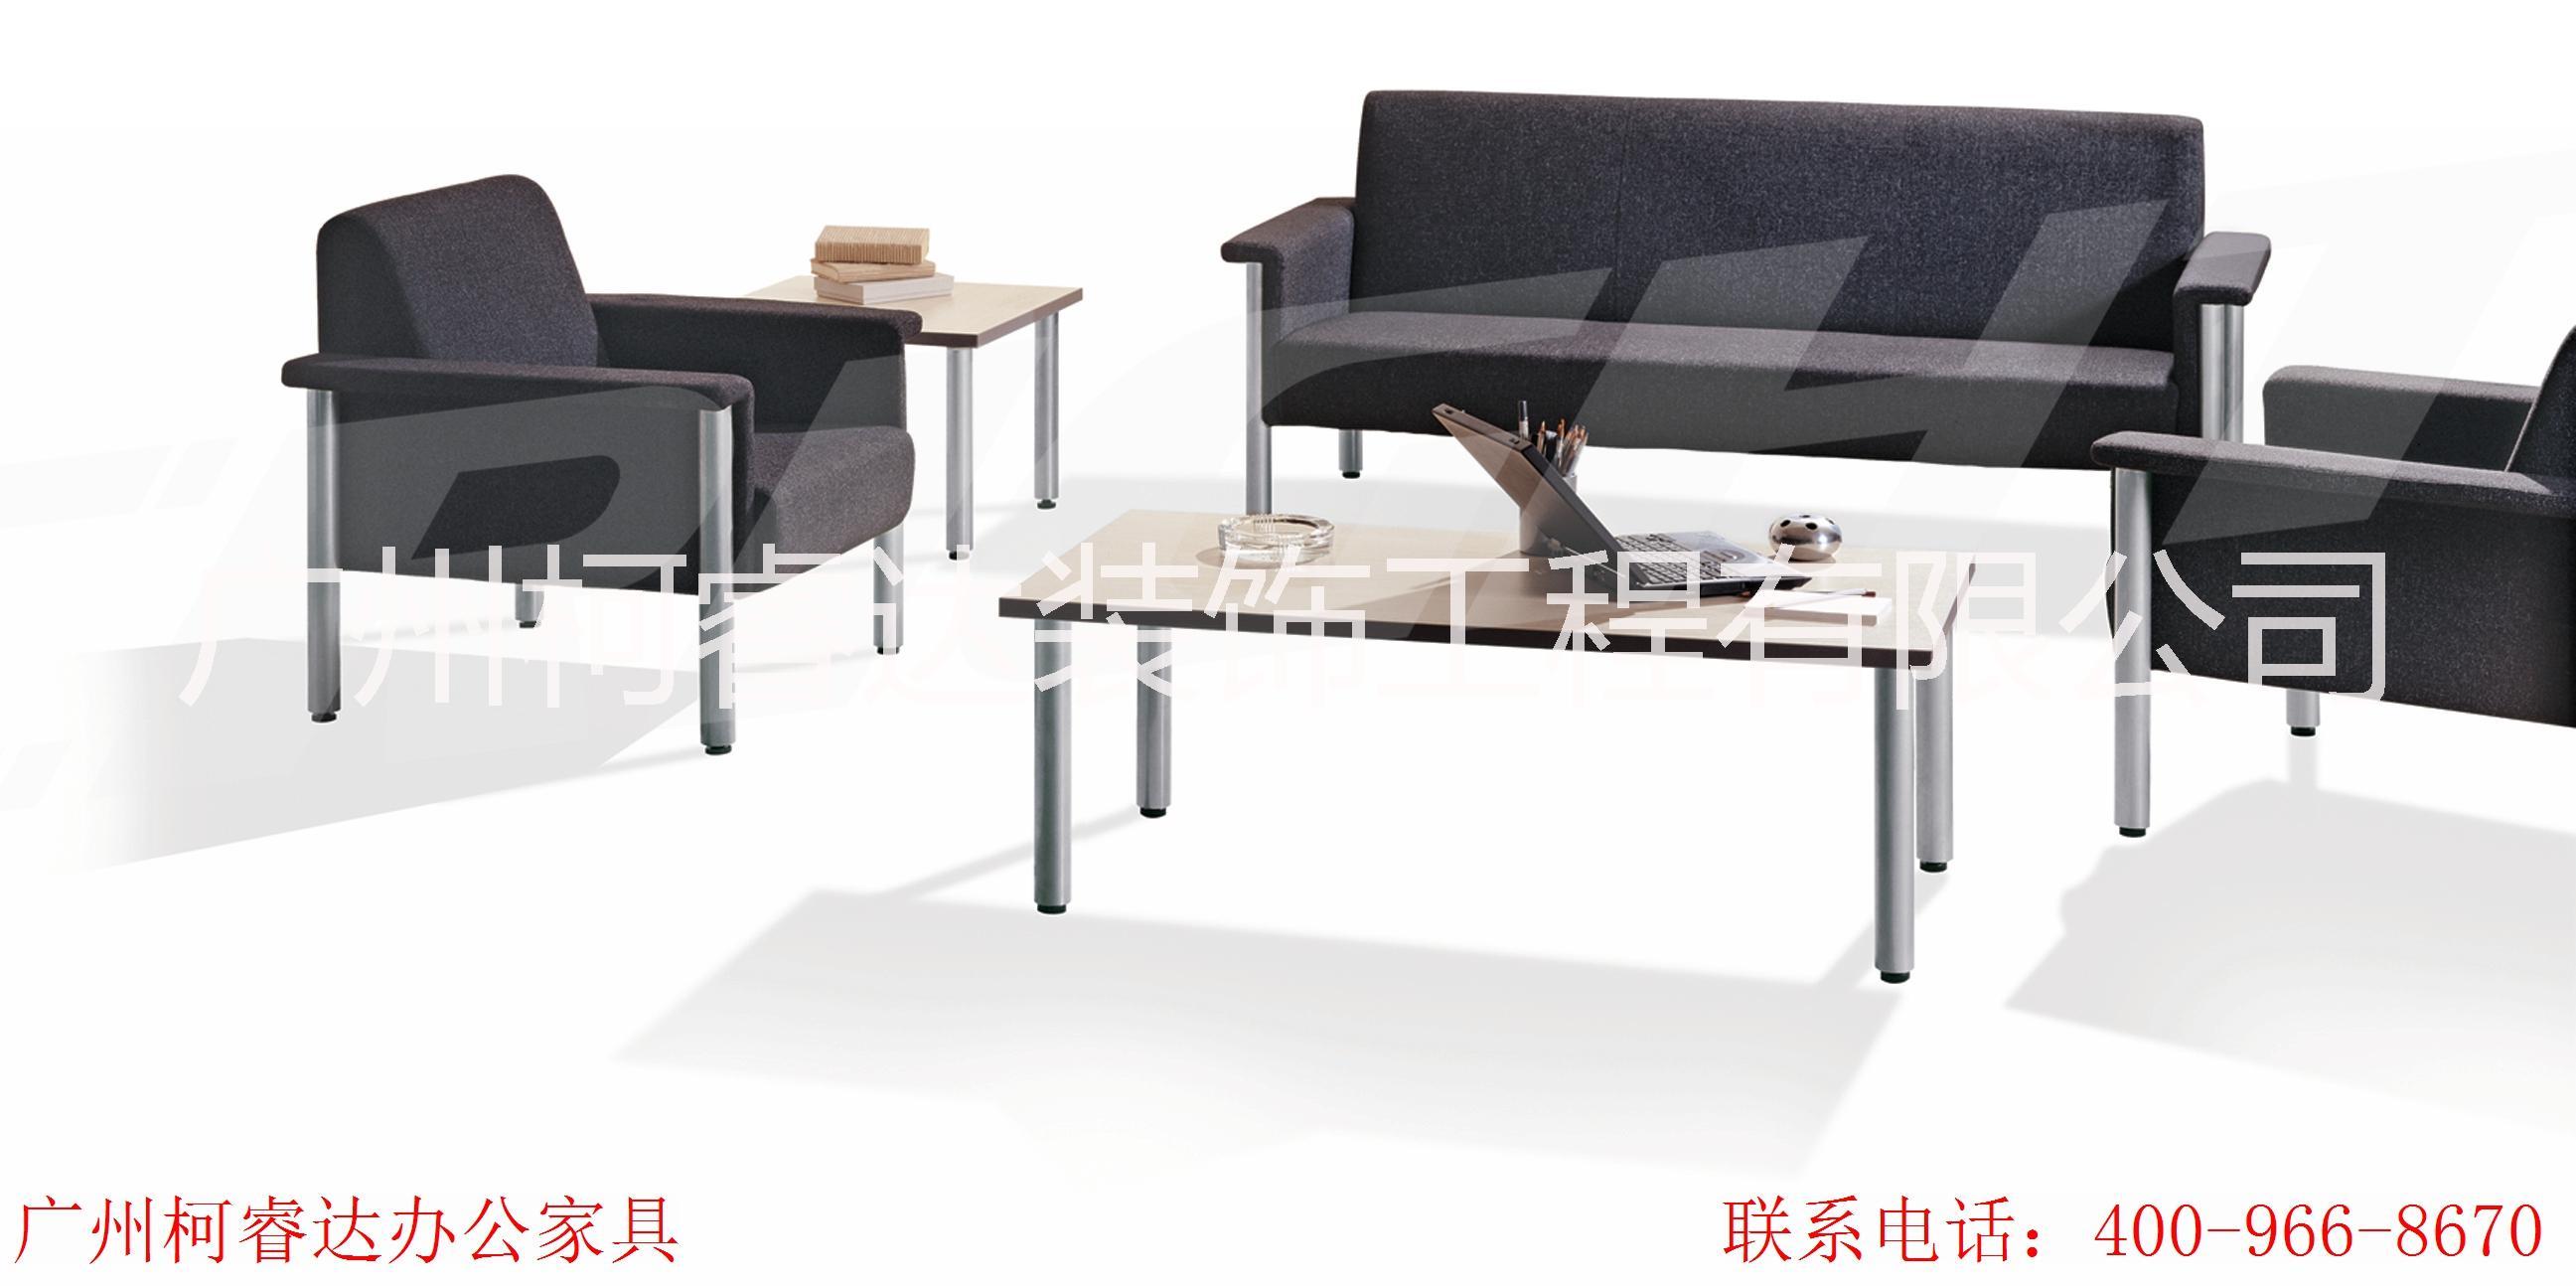 供应广州办公休闲时尚布艺沙发批发定制